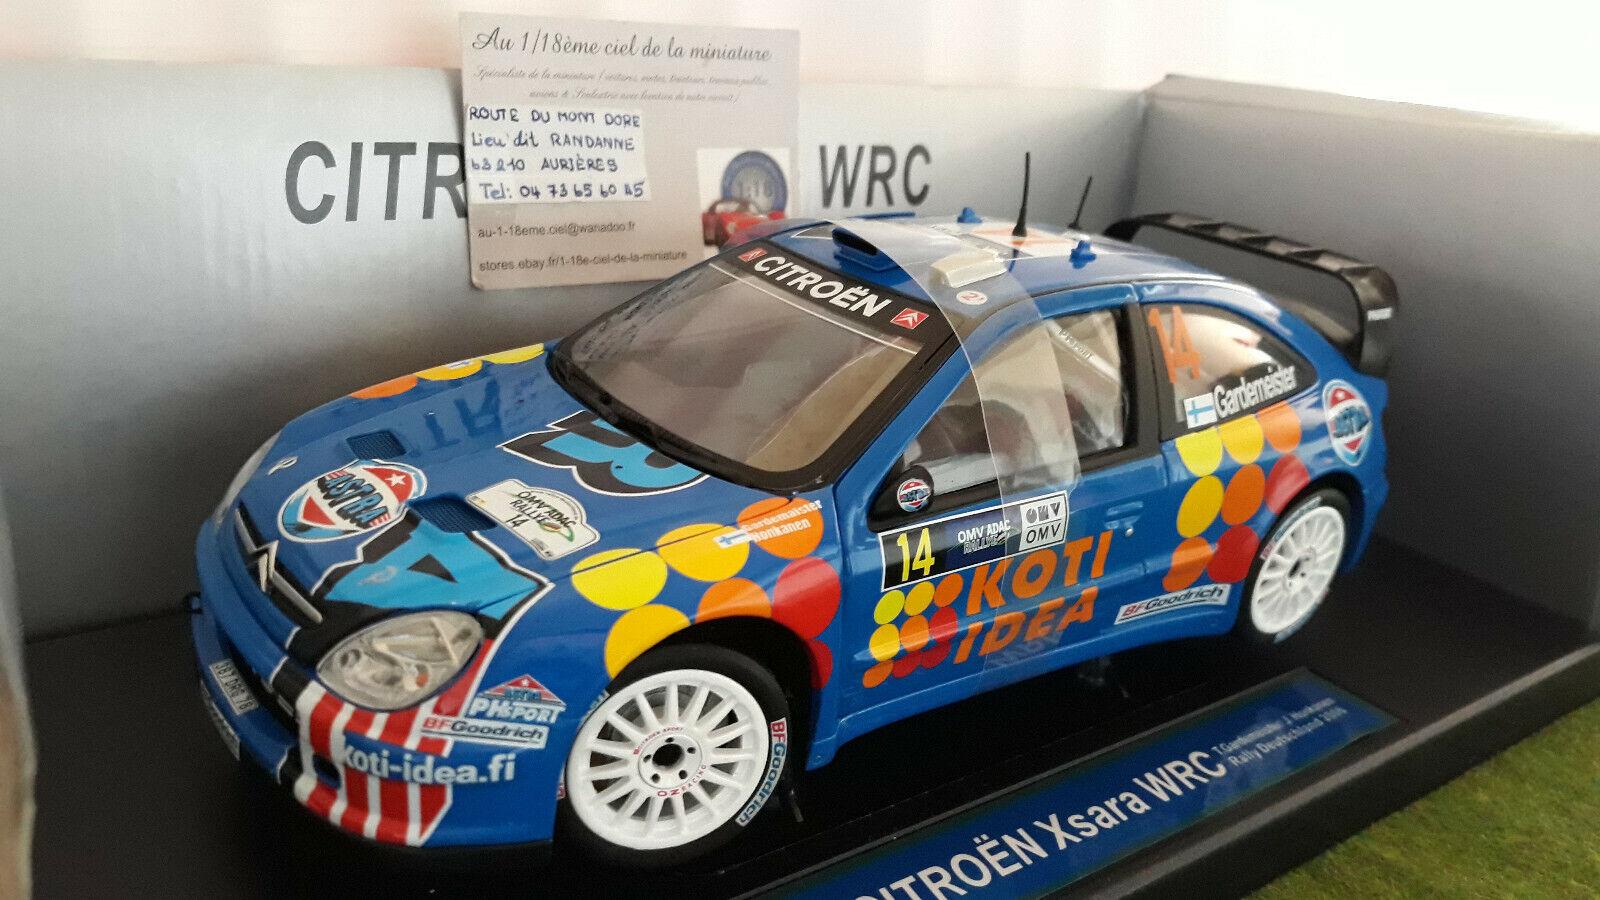 auténtico CITROËN XSARA WRC 2006 2006 2006 G RALLYE DEUTSCHLAND 1 18 SUN Estrella 4428 voiture miniature  Con 100% de calidad y servicio de% 100.